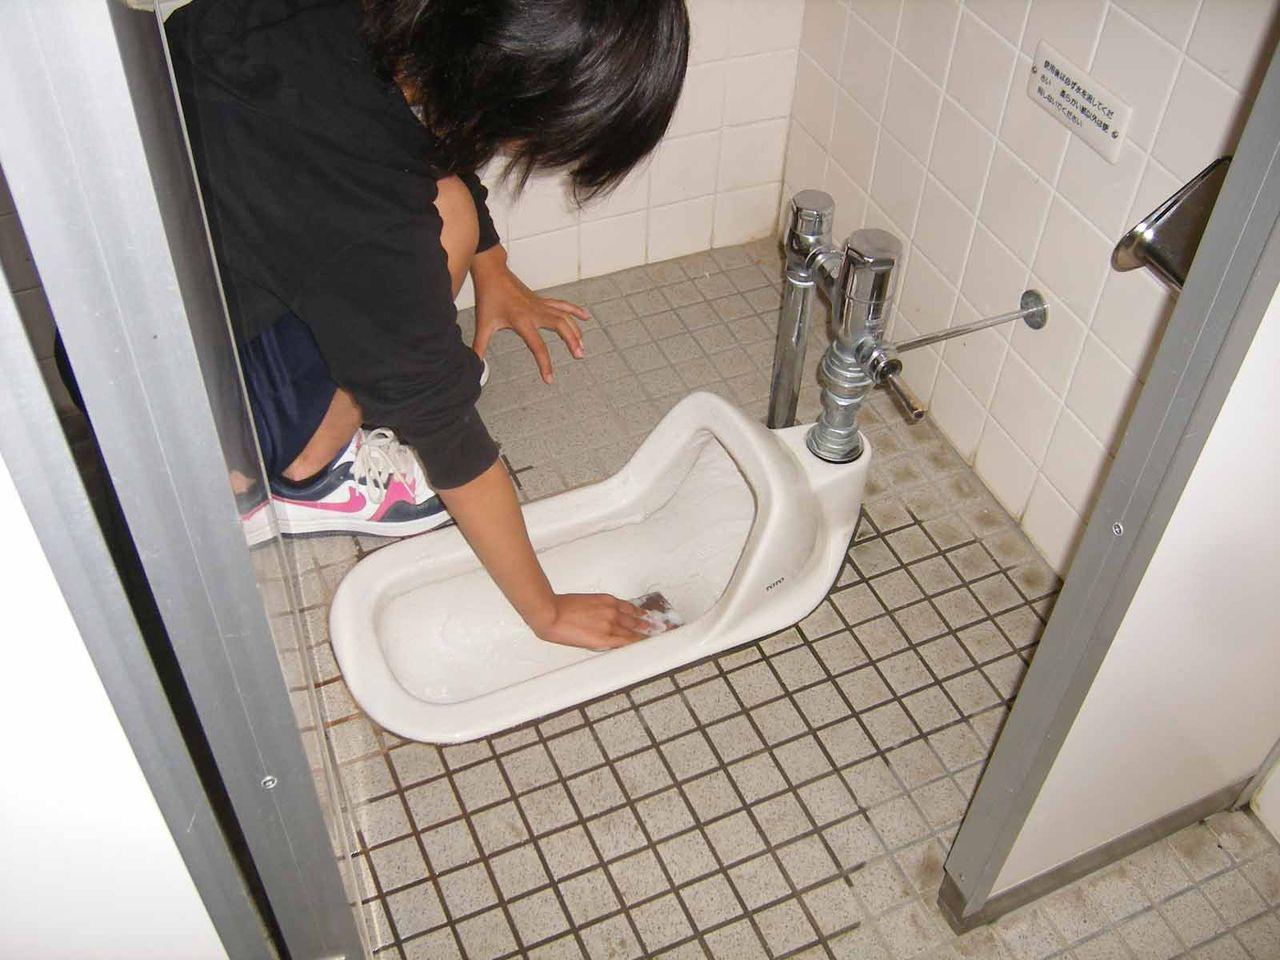 Ученики в туалете 9 фотография